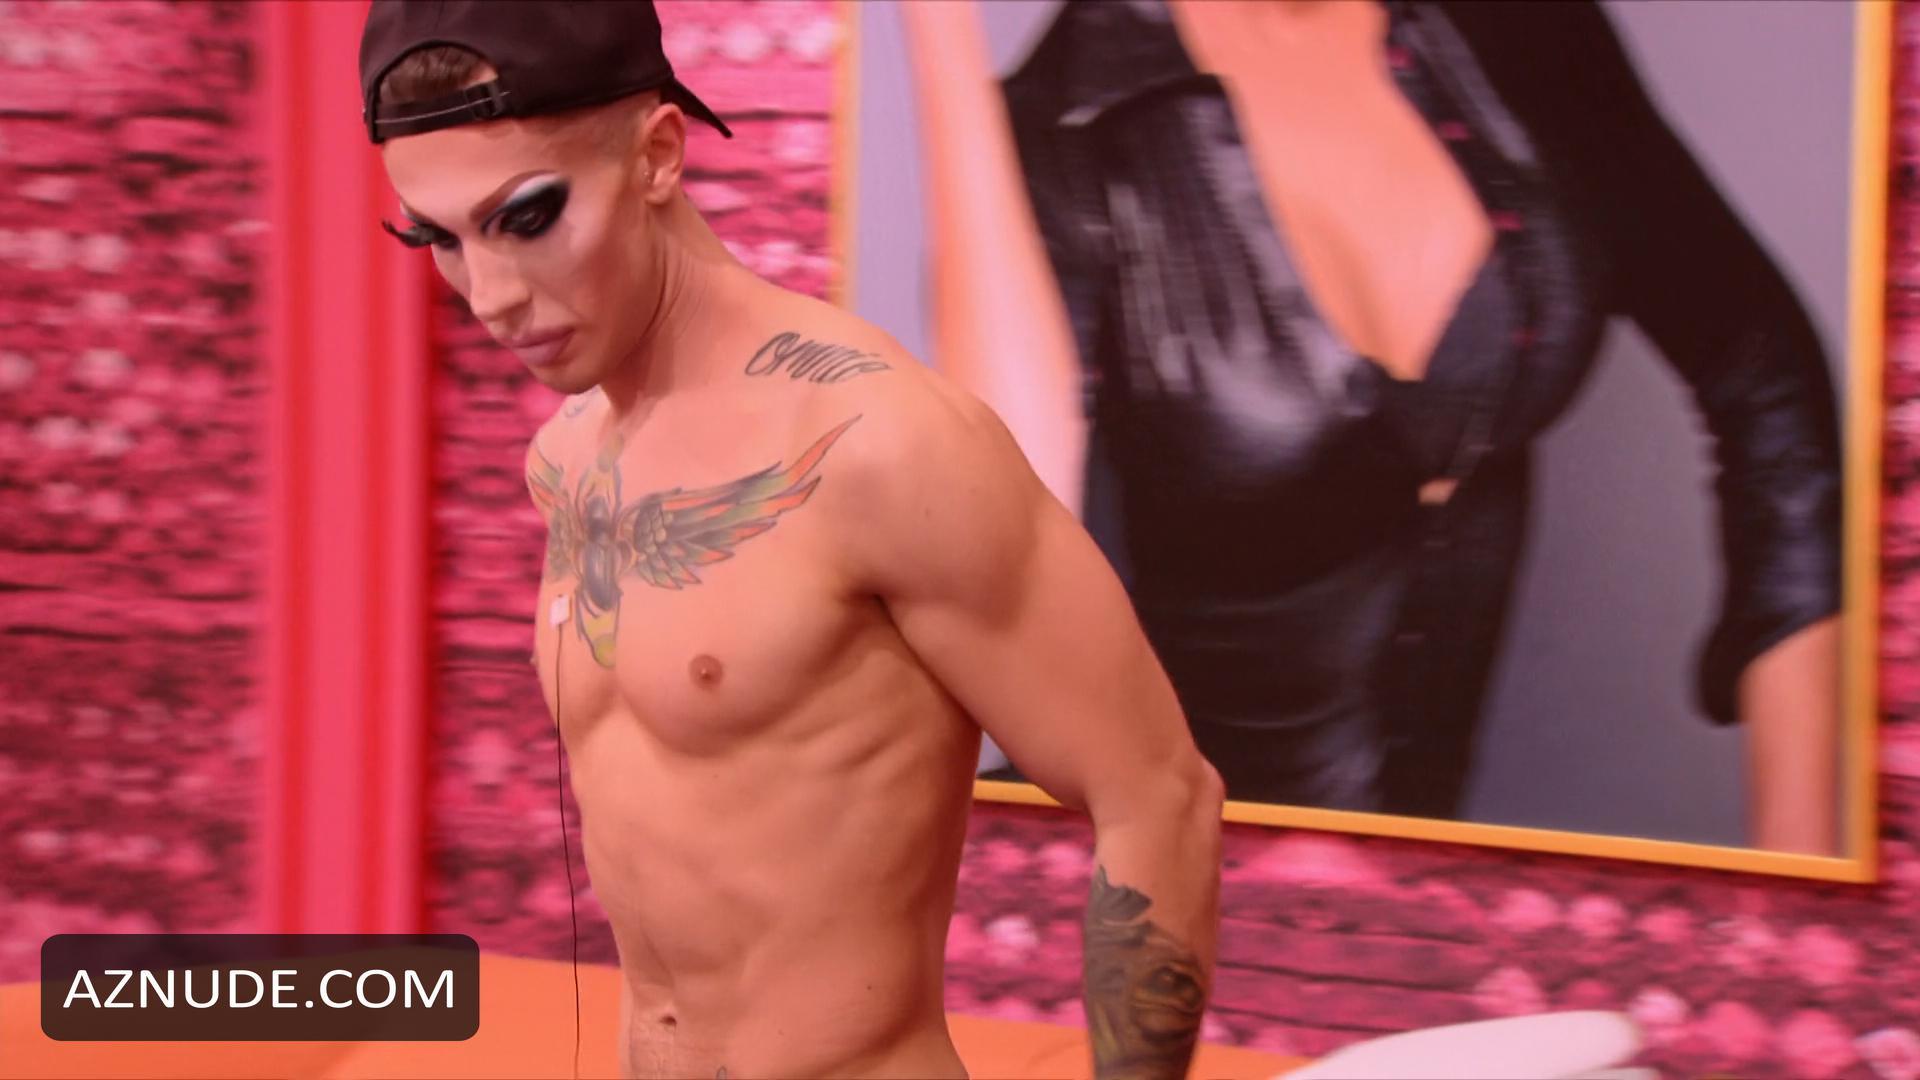 Hots Drag Queens Nude Gif